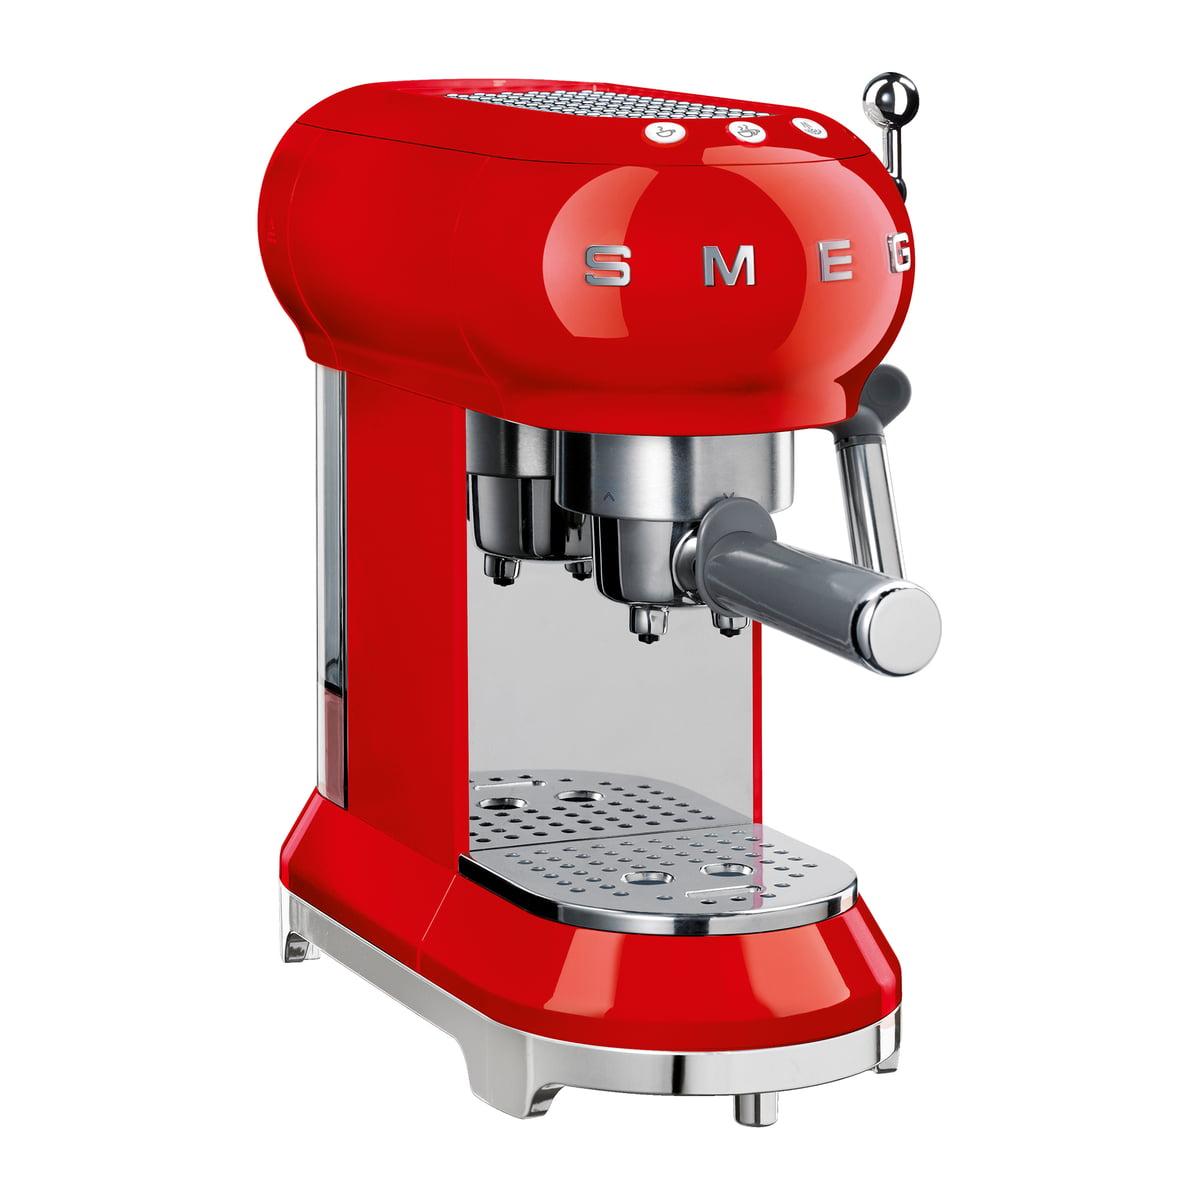 Smeg - Espresso Kaffeemaschine mit Siebträger ECF01, rot   Küche und Esszimmer > Kaffee und Tee > Kaffeemaschinen   Rot   Smeg